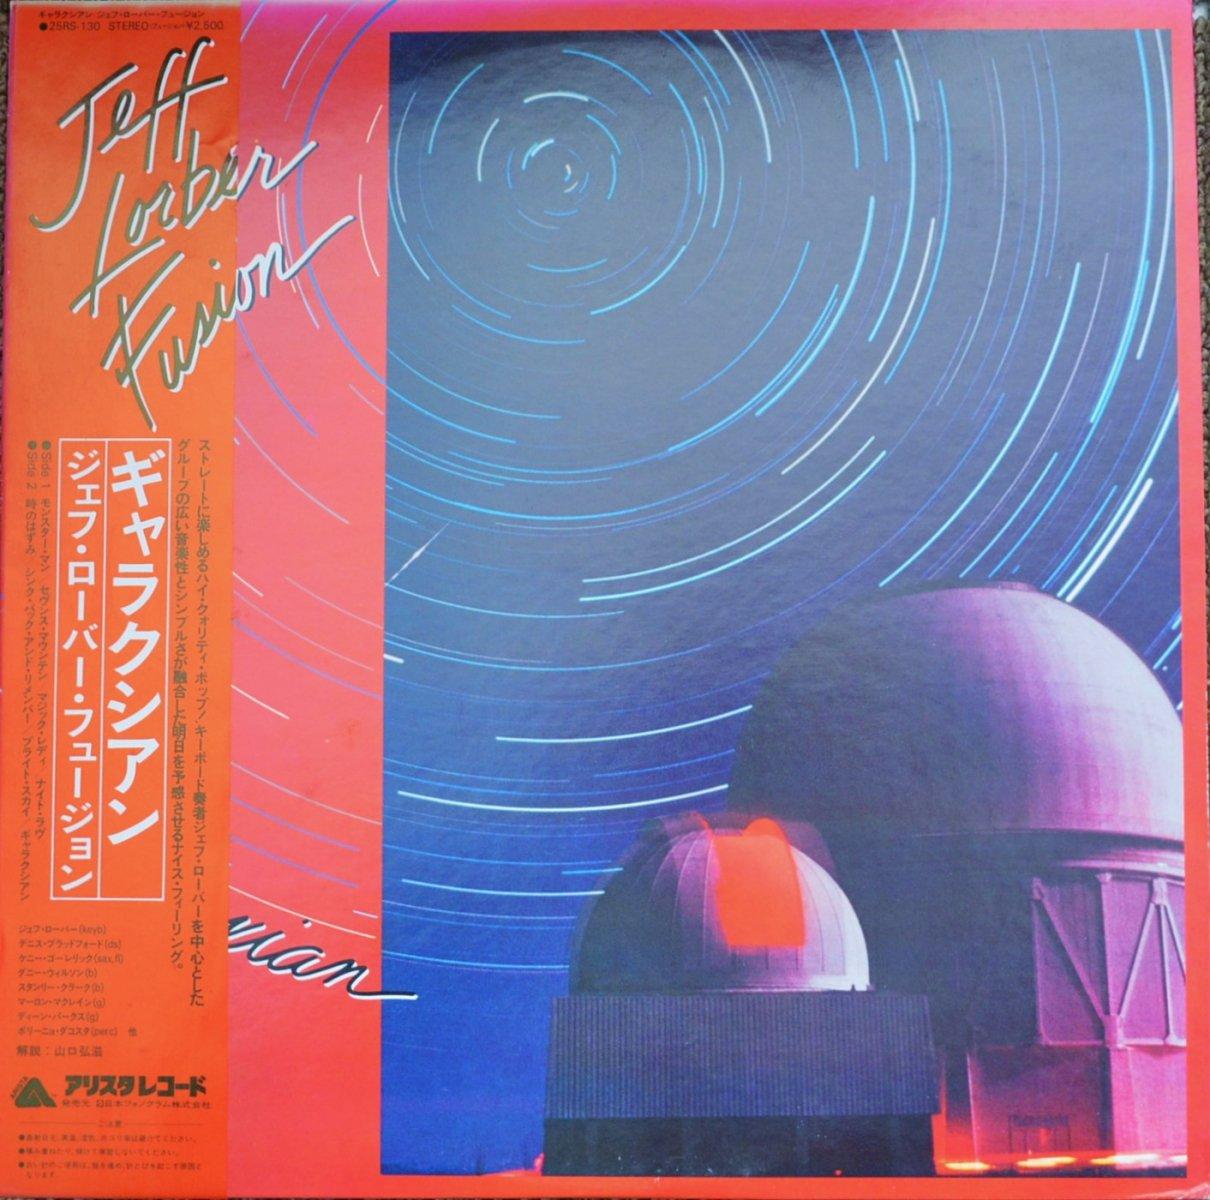 ジェフ・ローバー・フュージョン JEFF LORBER FUSION / ギャラクシアン GALAXIAN (LP)